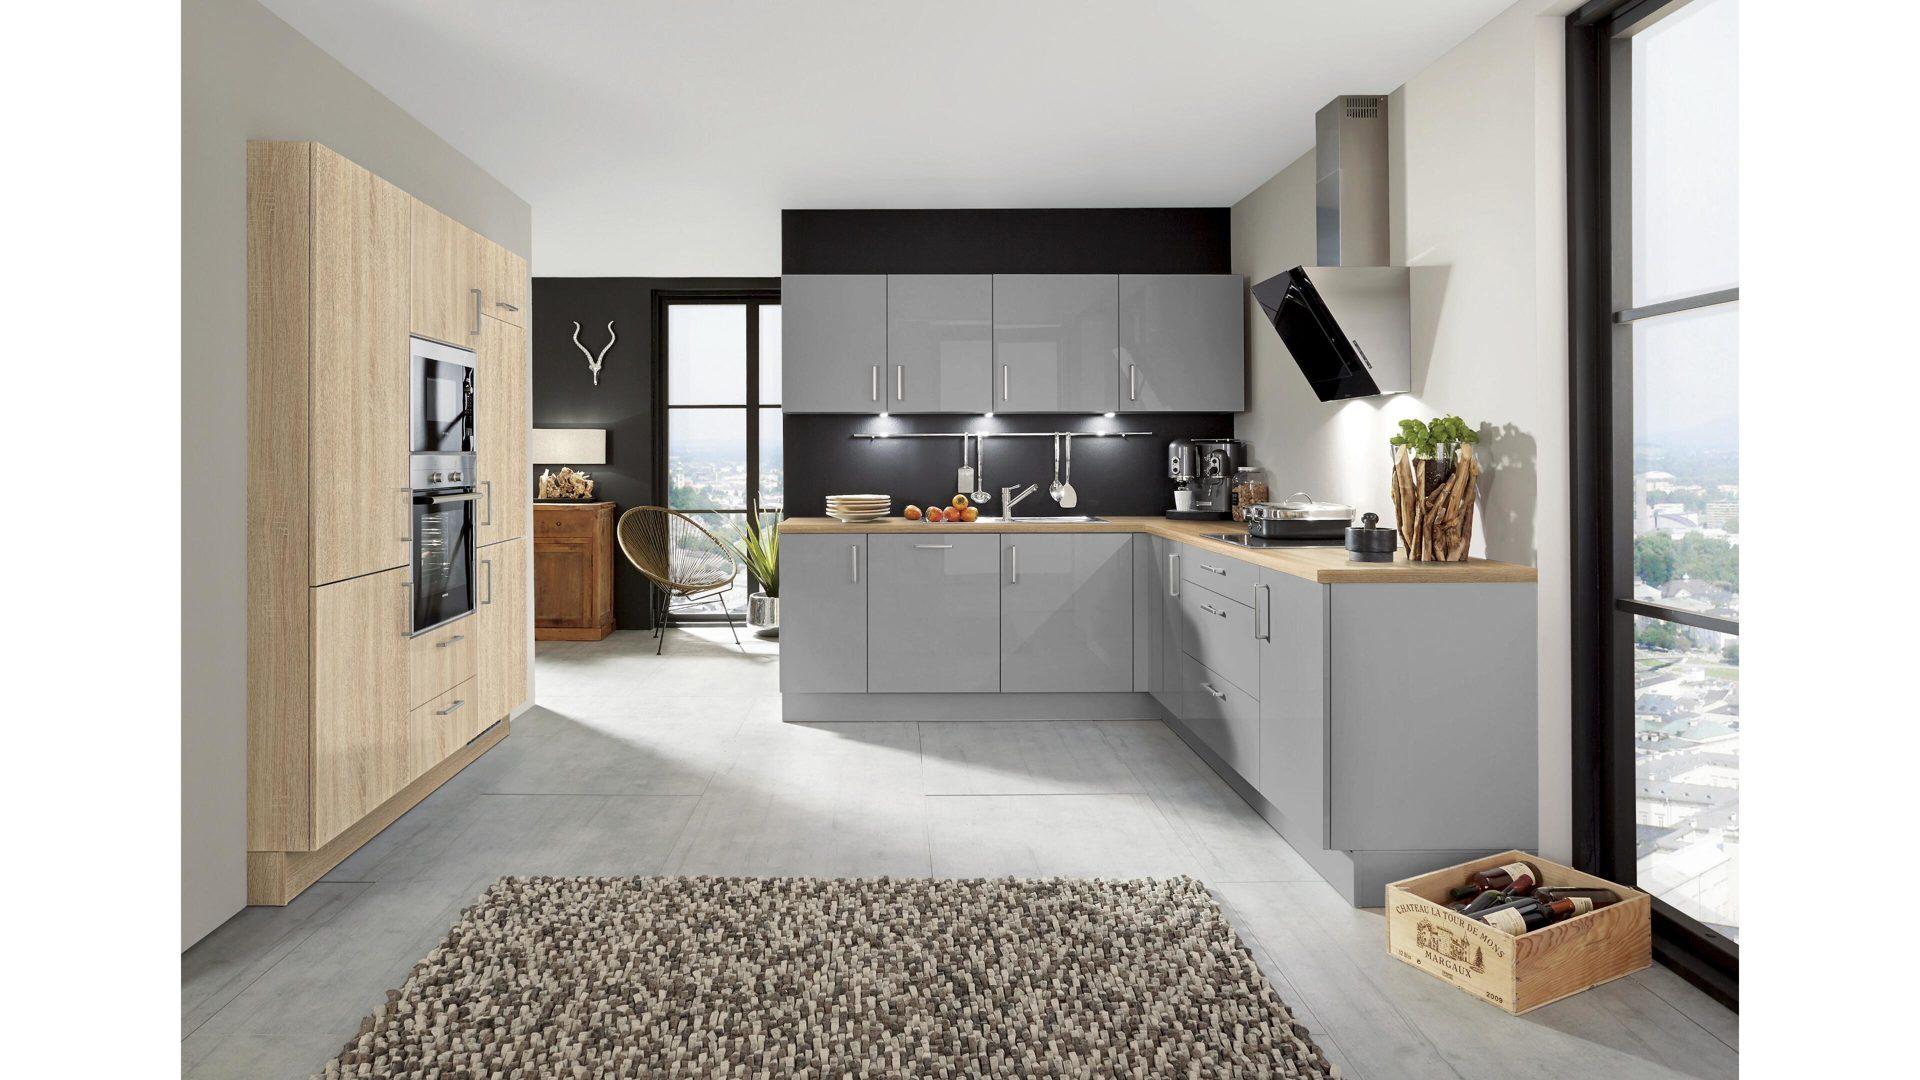 Wohnland Breitwieser Suchergebnis Für Küchenzeile Einbauküche